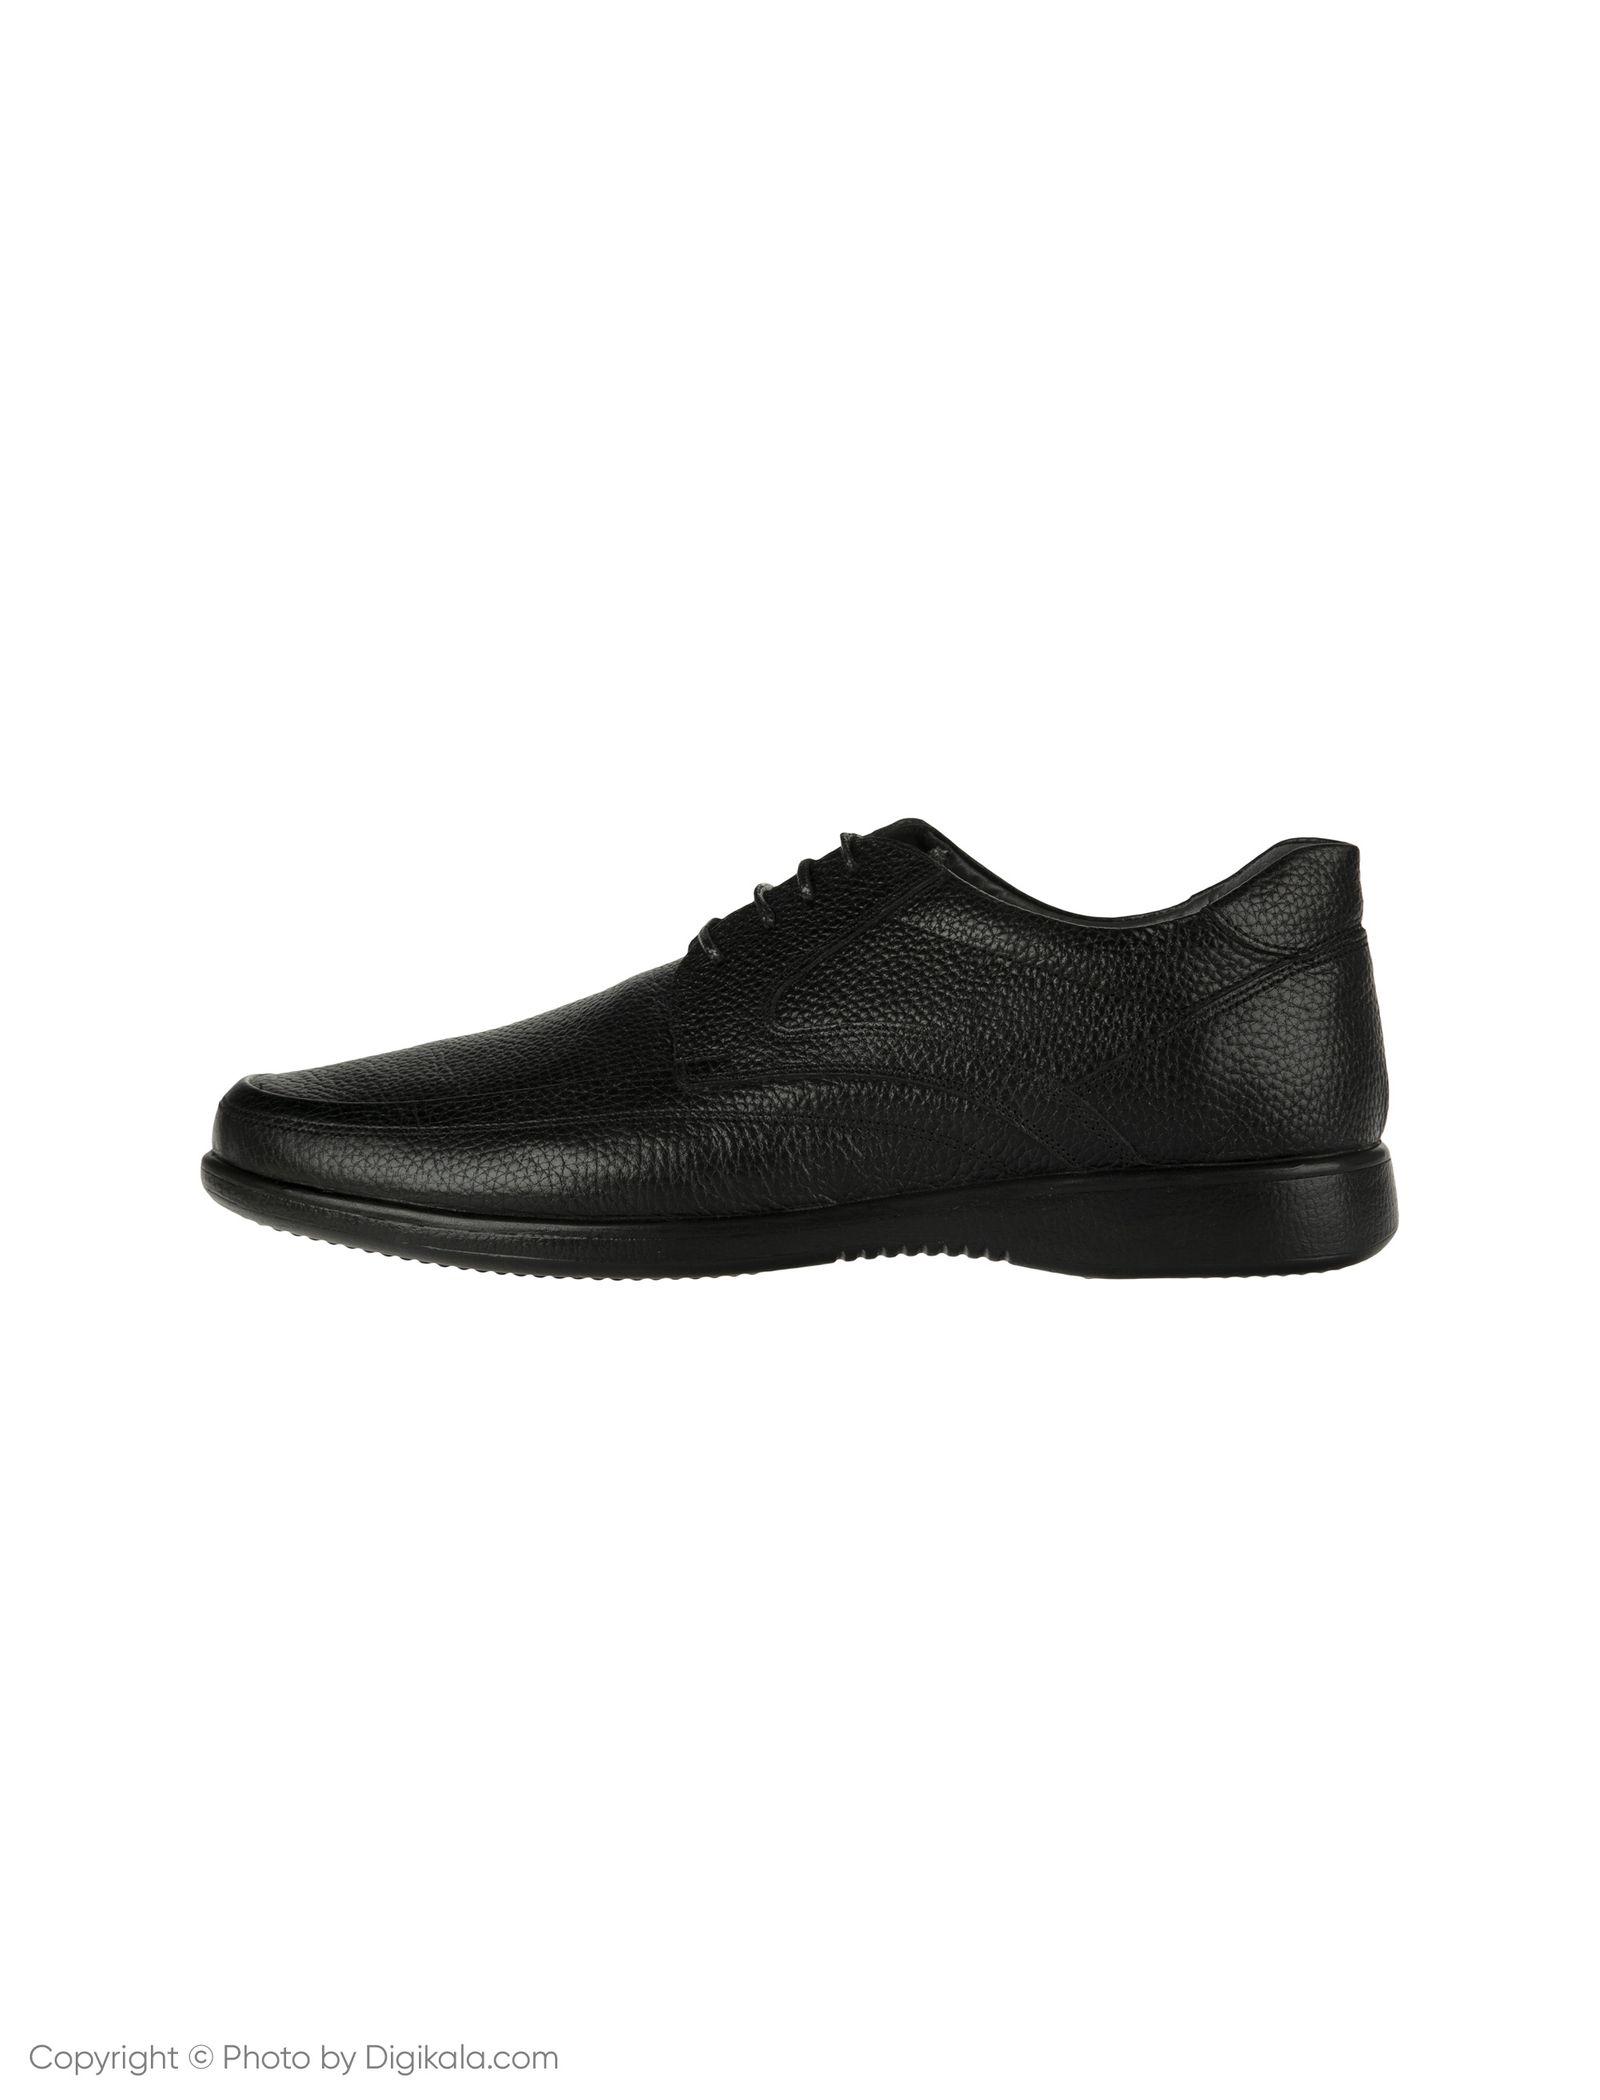 کفش مردانه ساتین مدل SN7193B-101 -  - 1